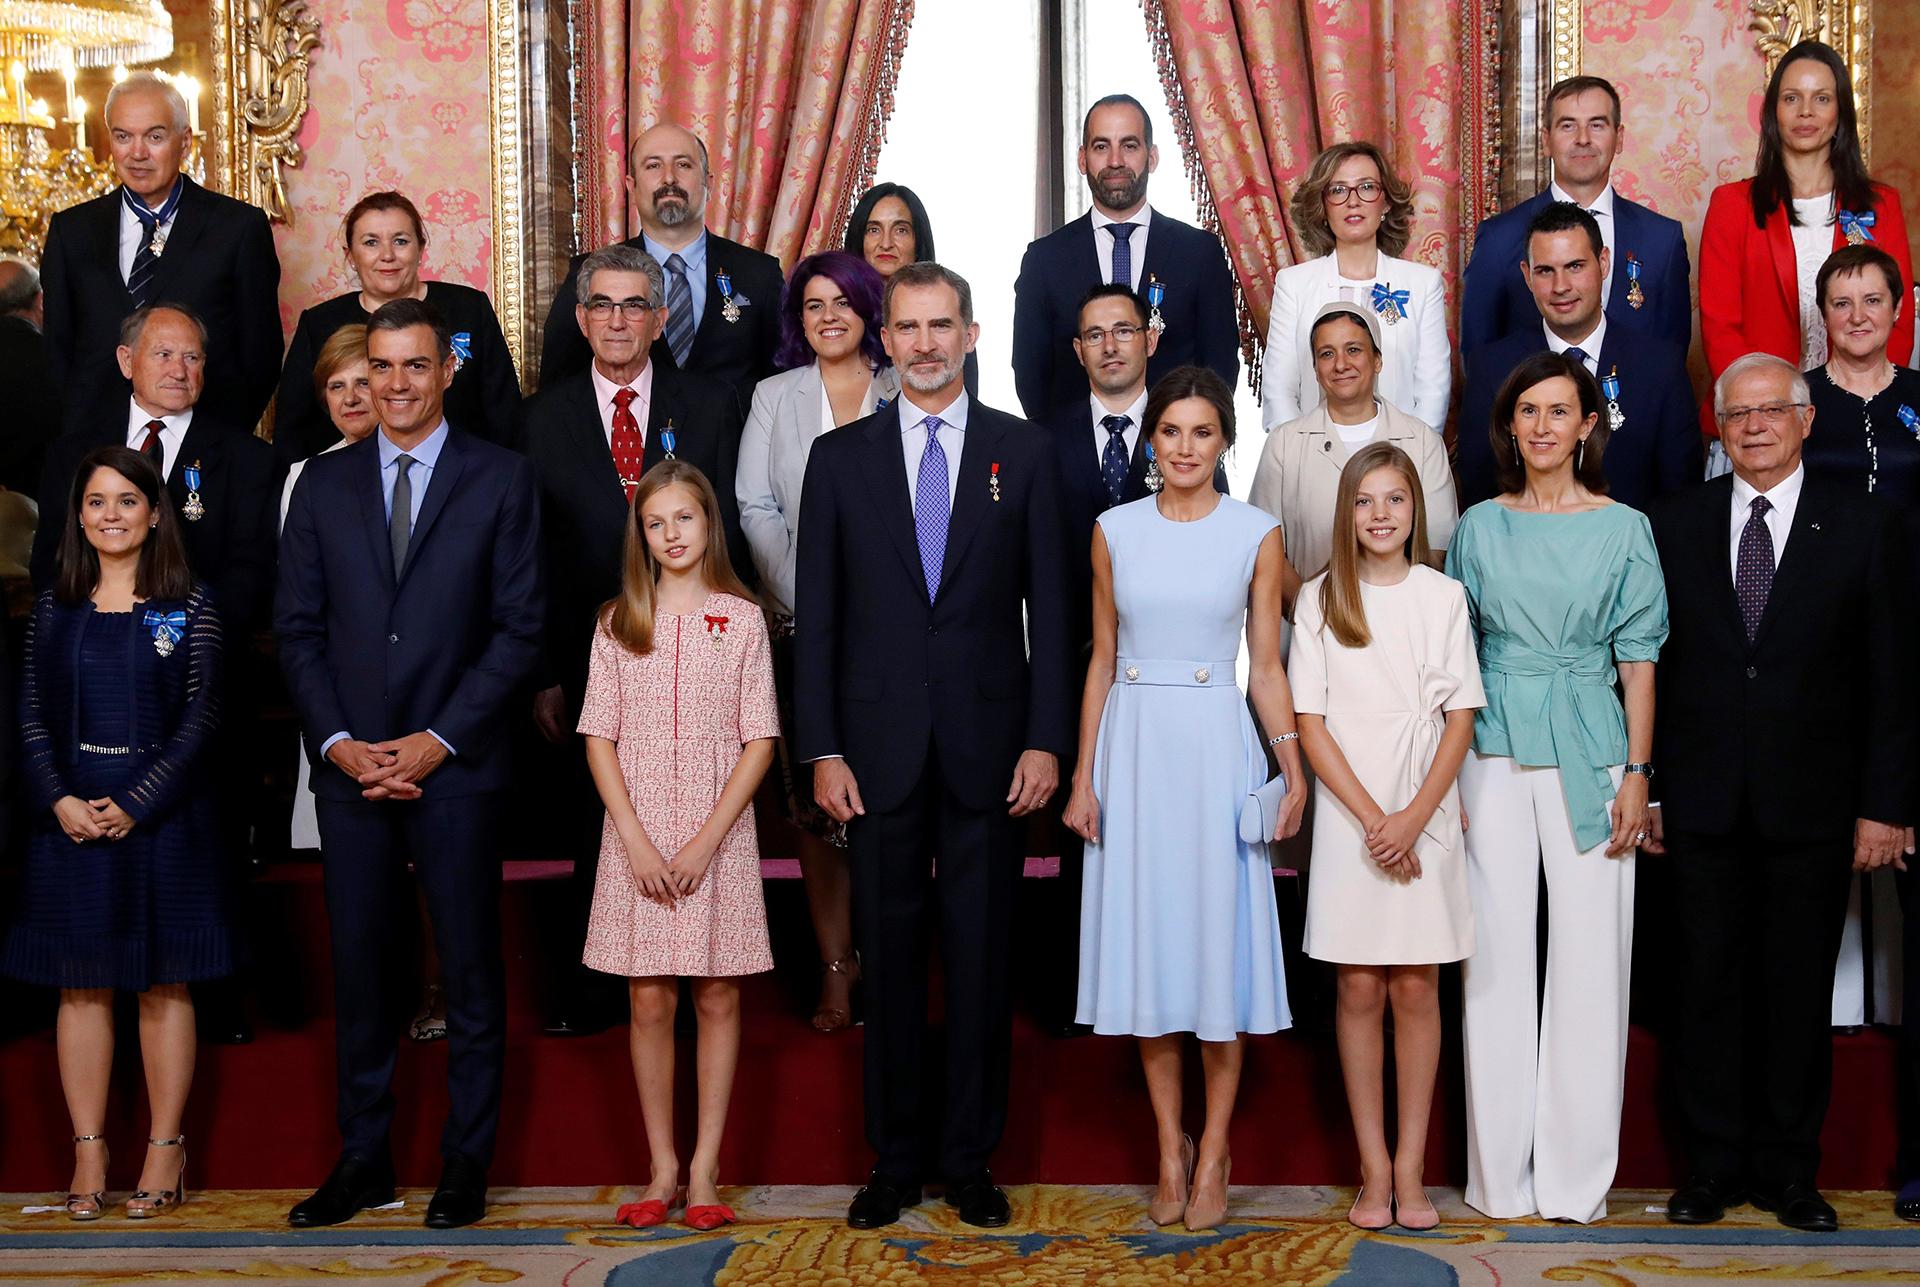 Felipe VI, junto a la reina Letizia, la princesa Leonor y la infanta Sofía y el presidente del Gobierno en funciones, Pedro Sánchez, durante la foto de familia del acto de imposición de condecoraciones a ciudadanos de todas las comunidades autónomas coincidiendo con el quinto aniversario de su reinado, en el Palacio Real